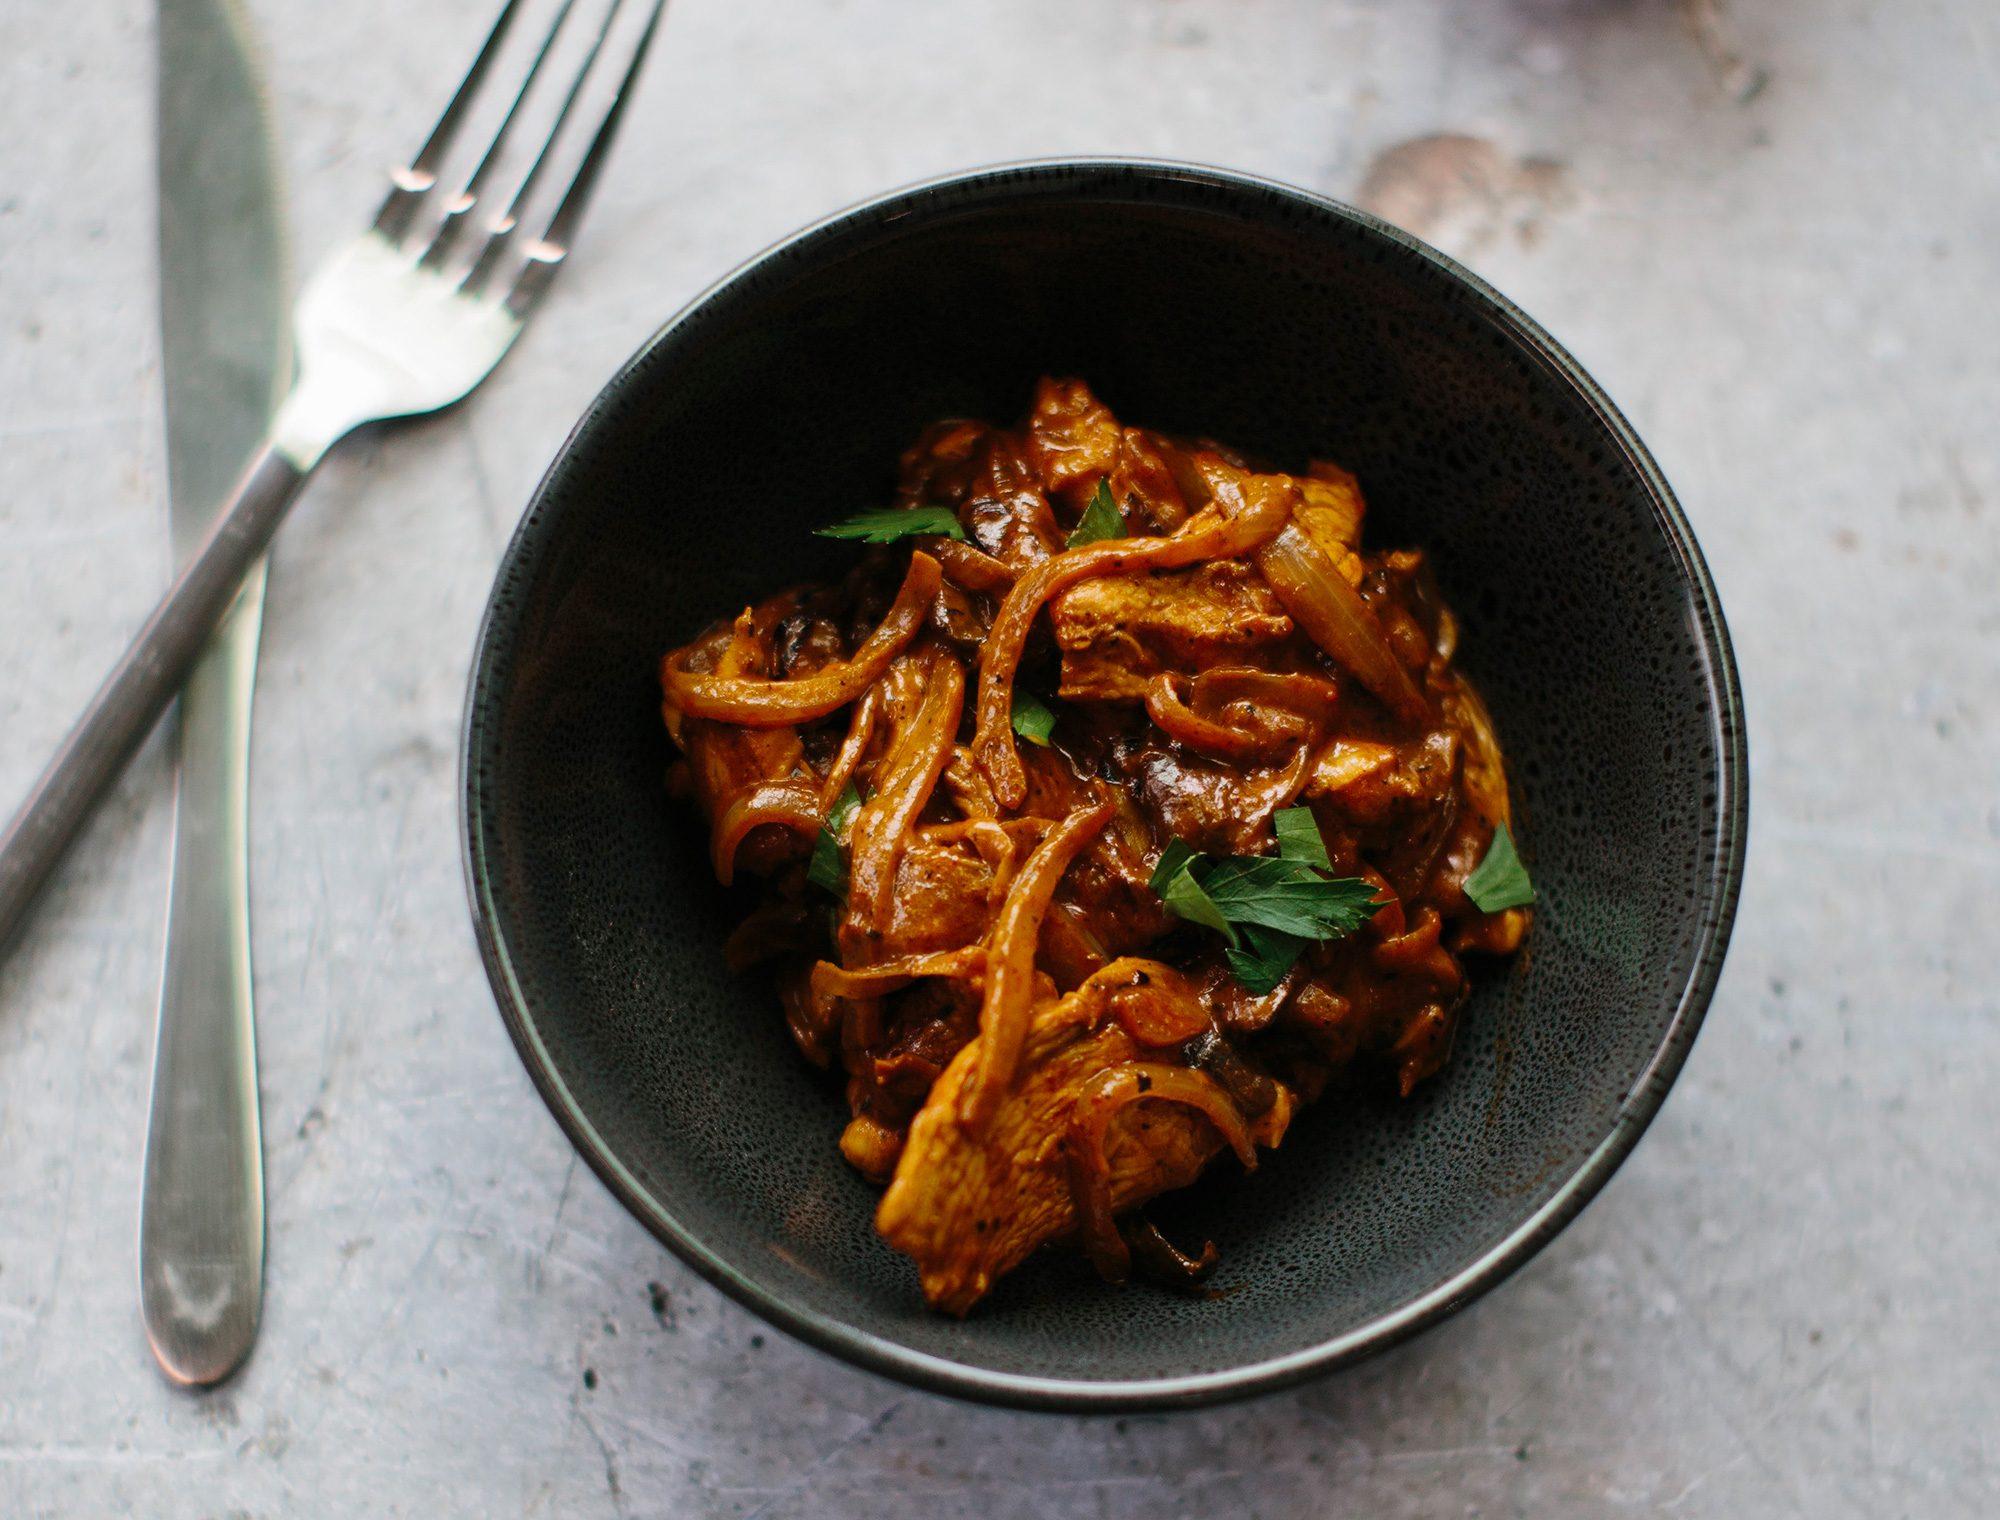 Chicken and onion stroganoff